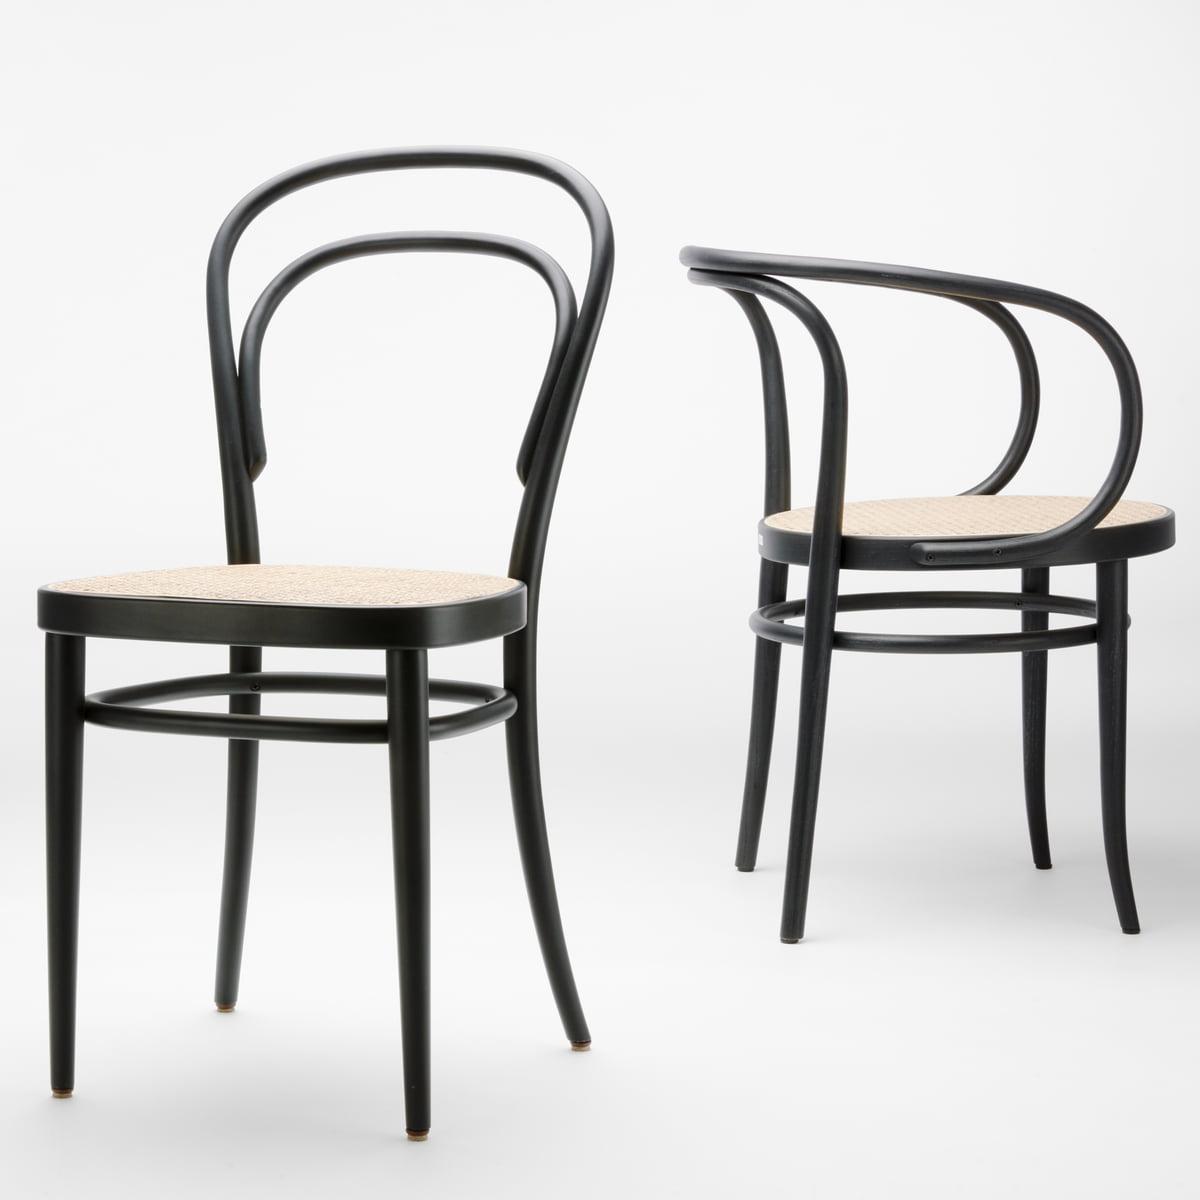 Thonet - 209 Bugholzstuhl| Rohrgeflecht mit Kunststoffstützgewebe / Buche natur (TP 17) | Küche und Esszimmer > Stühle und Hocker > Holzstühle | Thonet